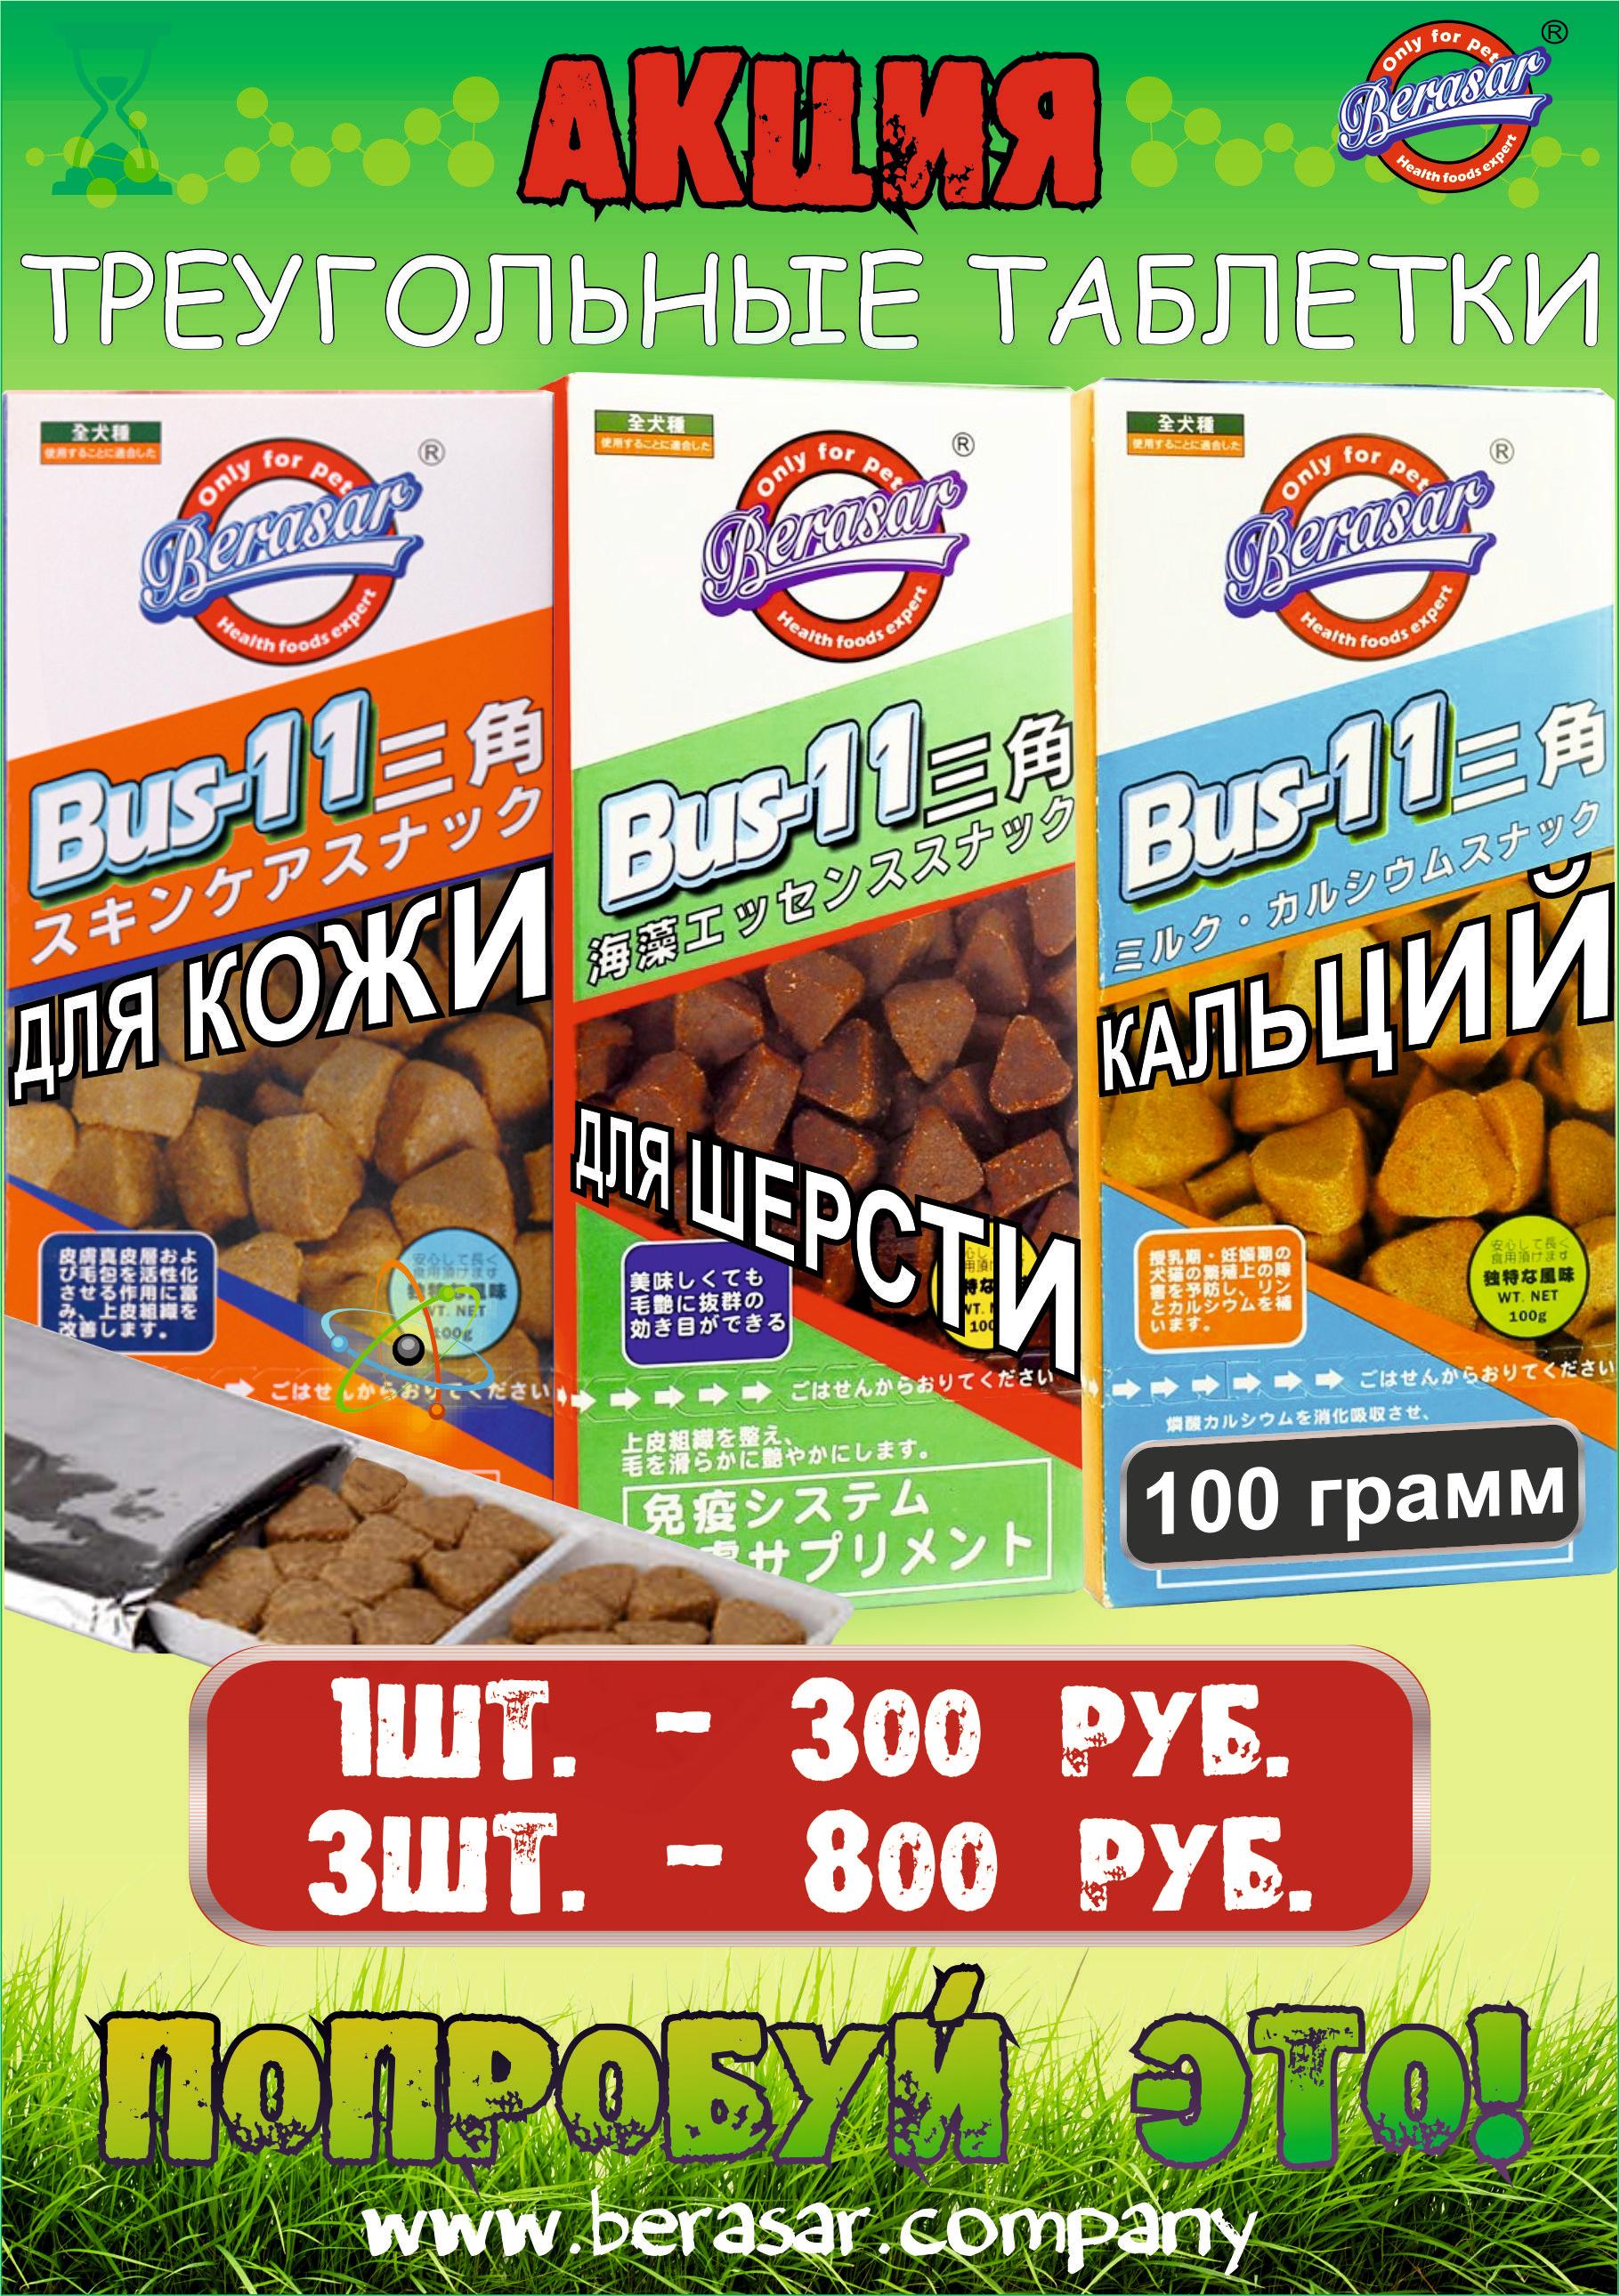 BERASAR - АКЦИЯ Треугольные таблетки длинная упаковка